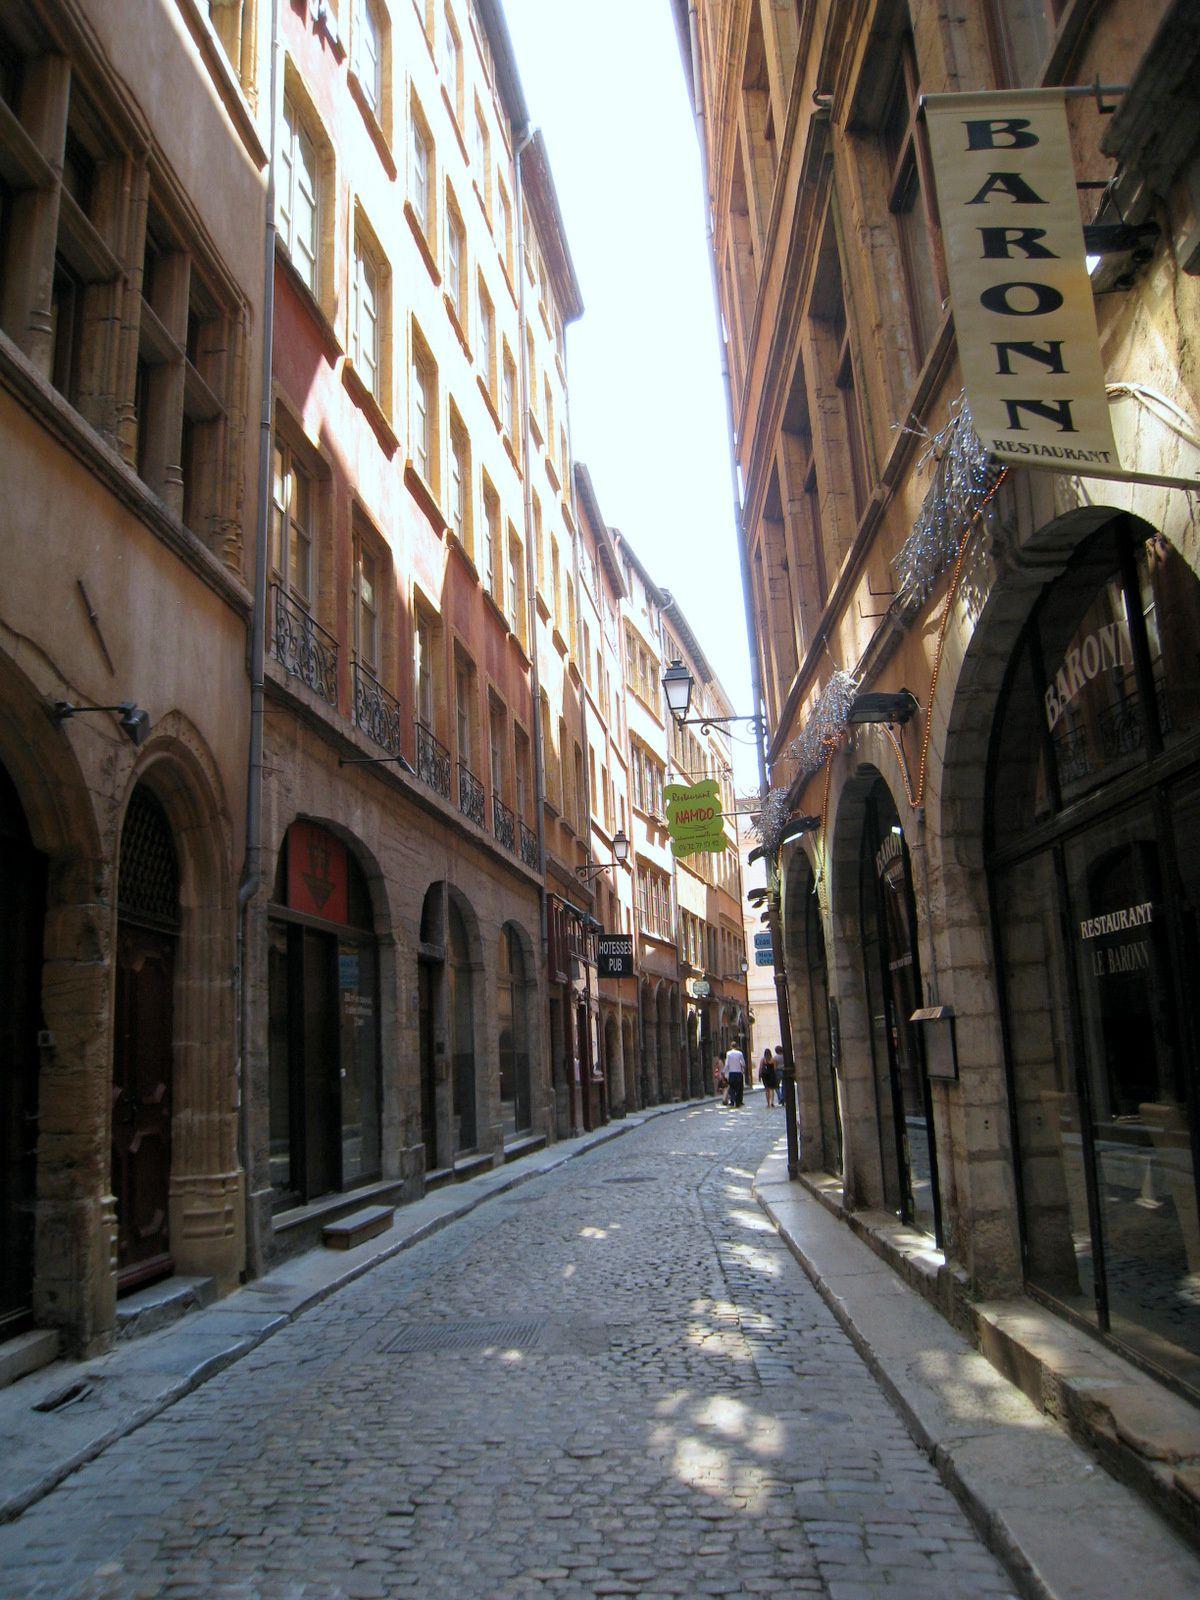 Traboule du 27 de la rue St Jean, Lyon